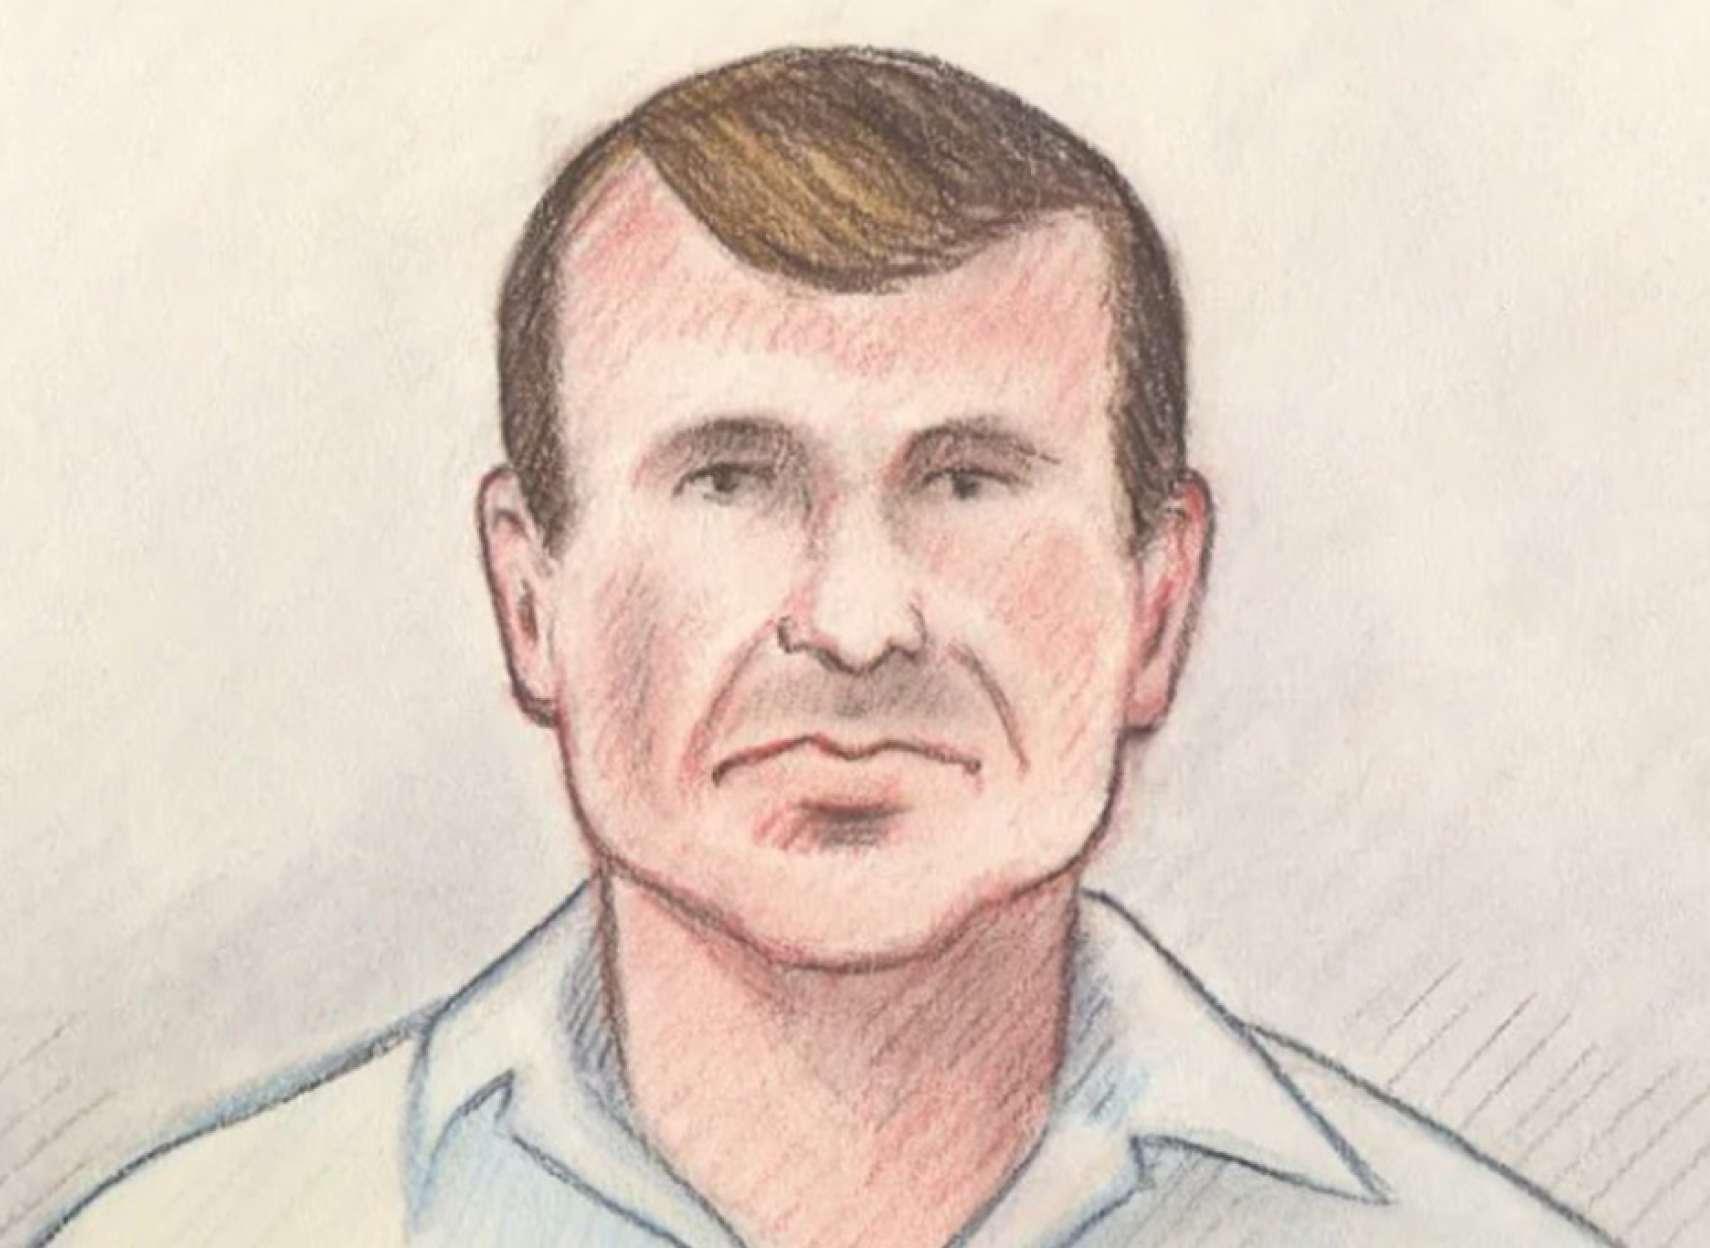 اخبار-کانادا-رئیس-پلیس-فدرال-کانادایی-که-اسناد-محرمانه-را-درز-میداد-دستگیر-شد